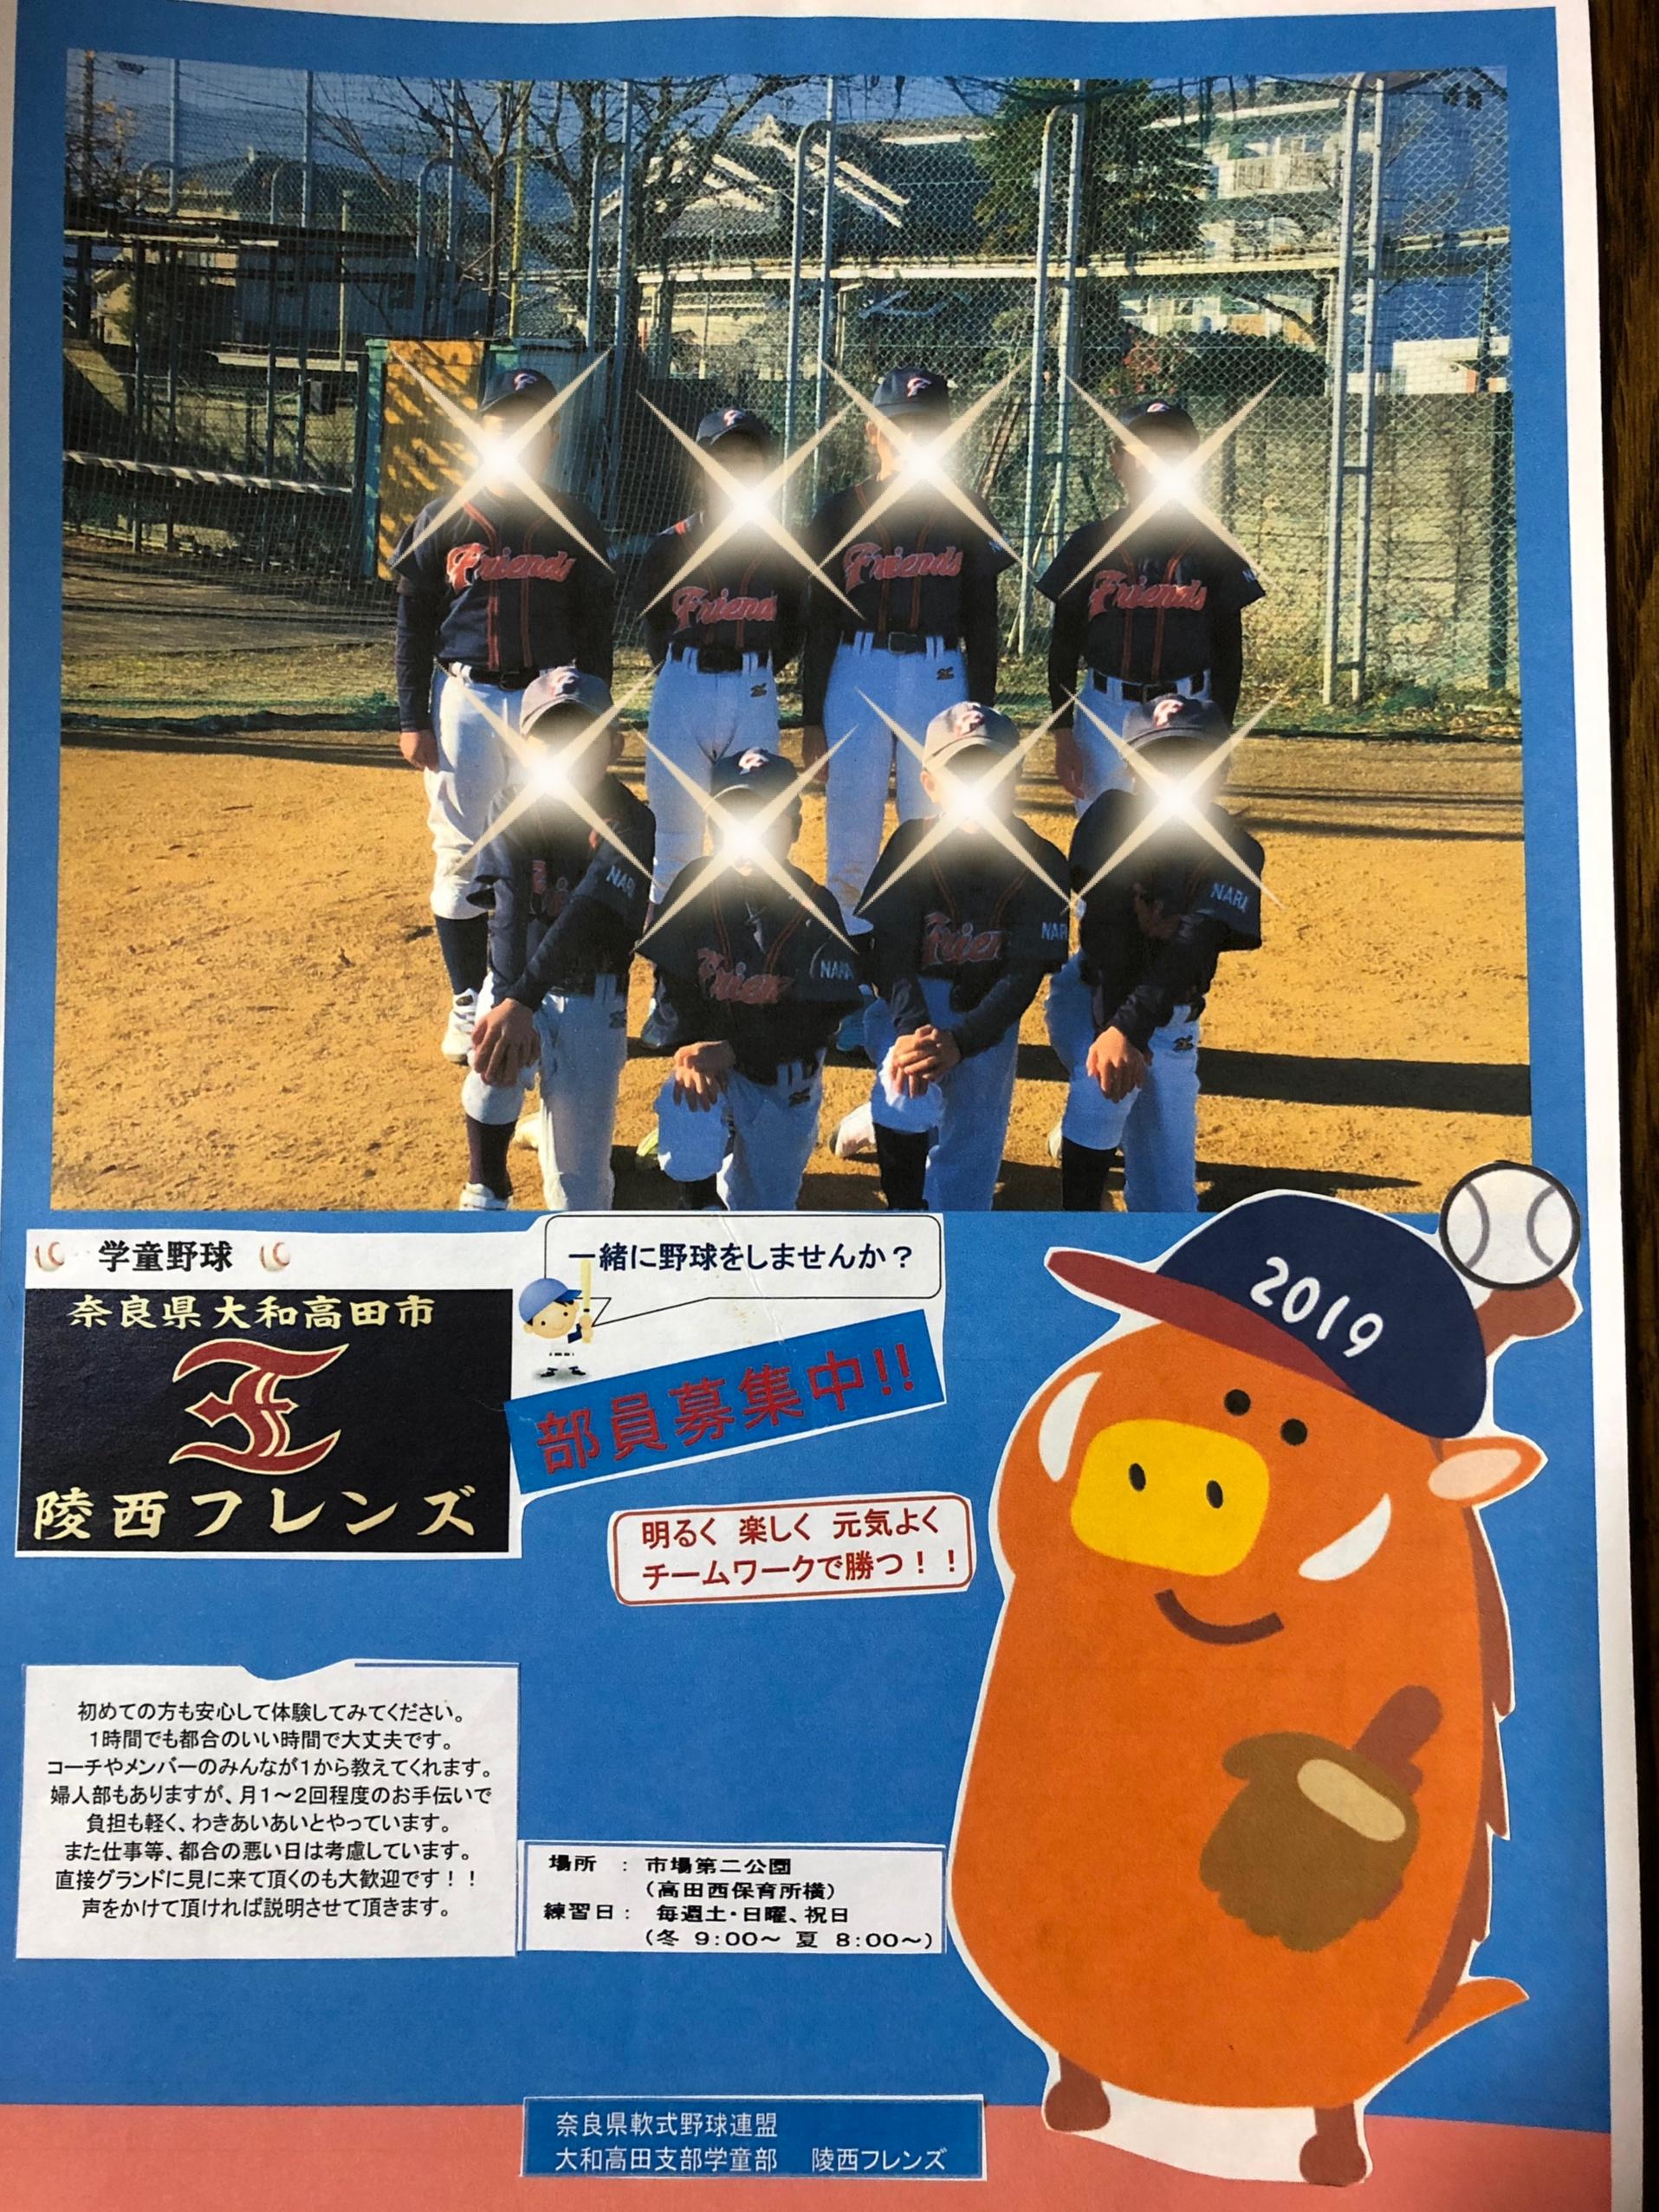 学童野球部員募集中!